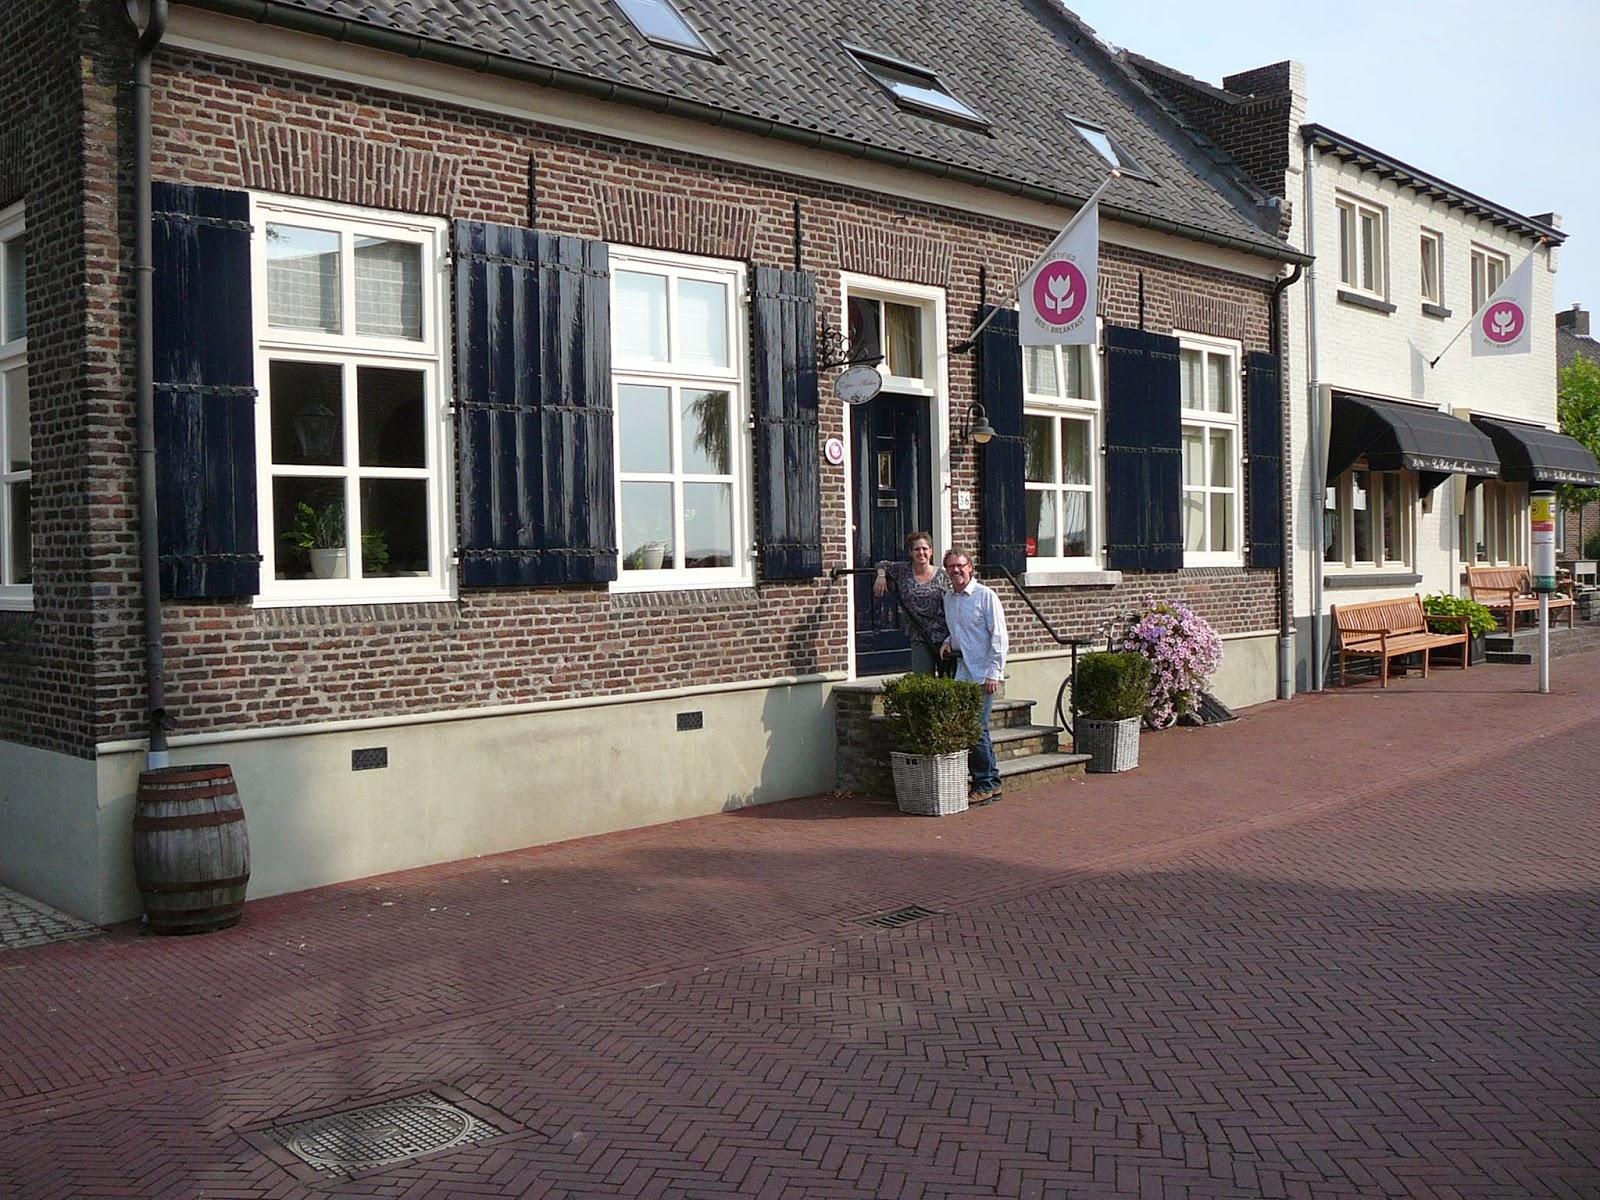 http://www.pronkkamer.nl/limburg/b&b-la-belle-meuse/128/